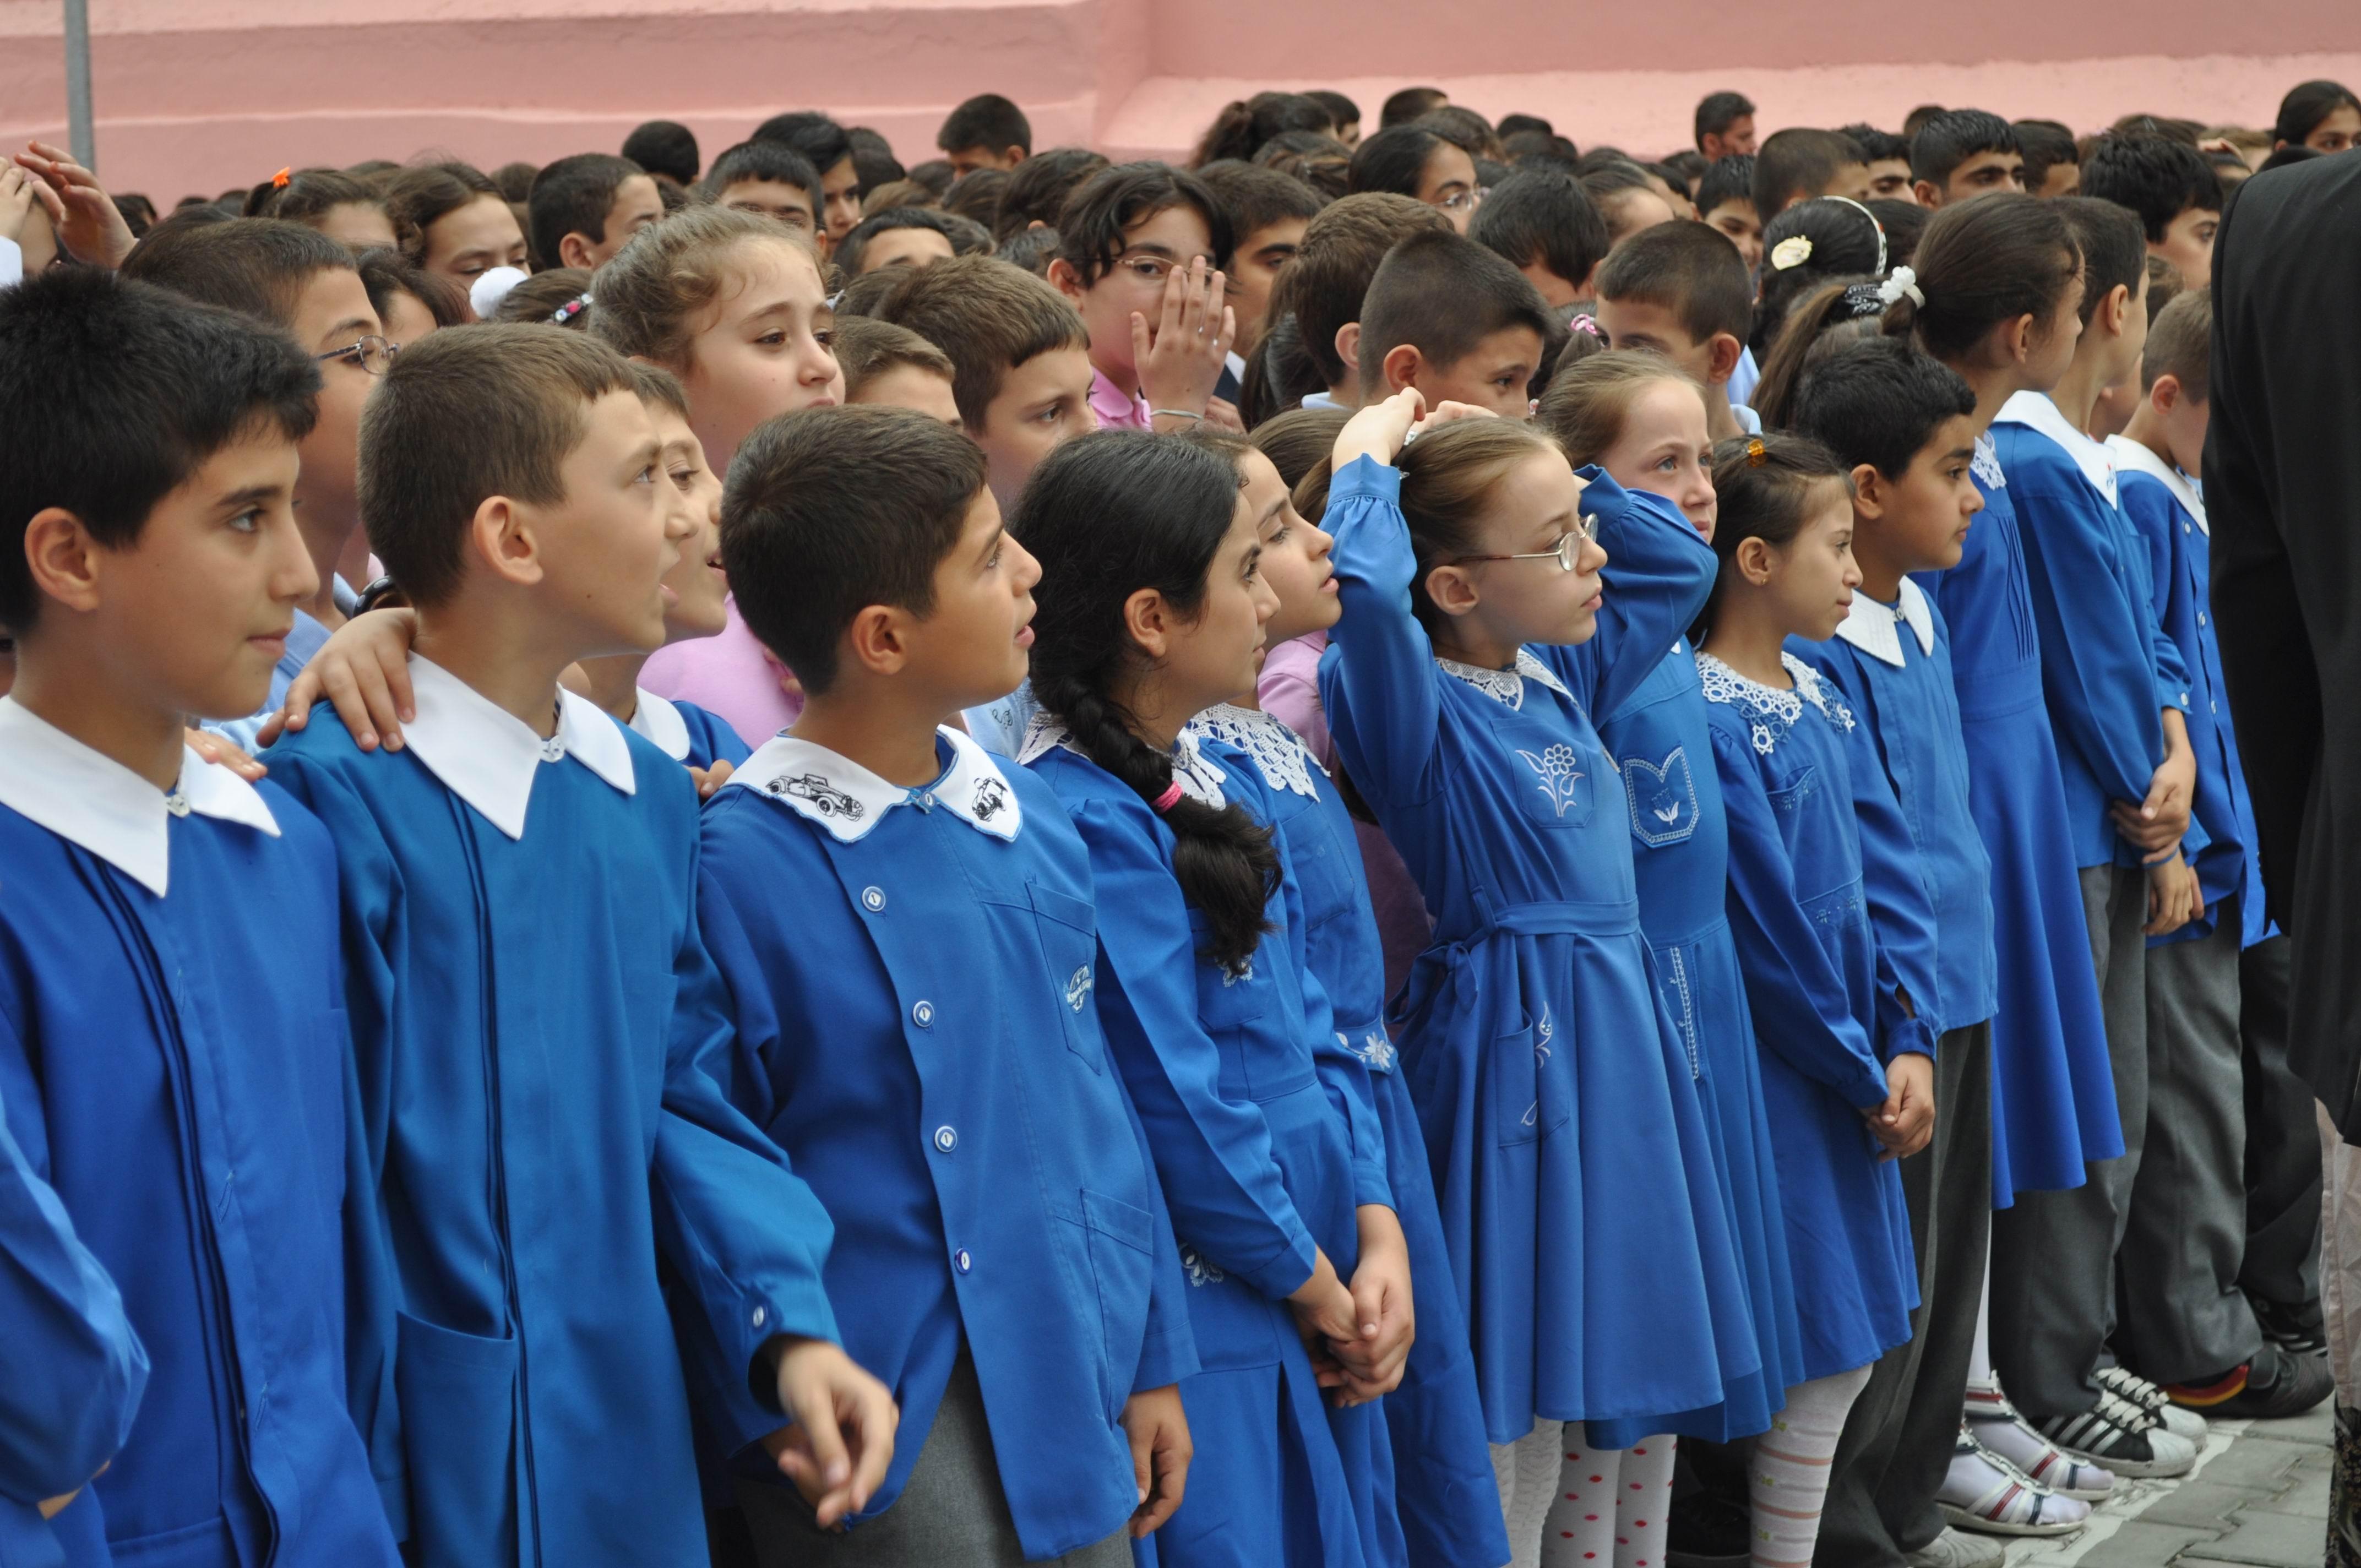 Milli Eğitim Bakanlığı açıkladı! 4. sınıflarda yeni üniteler belli oldu